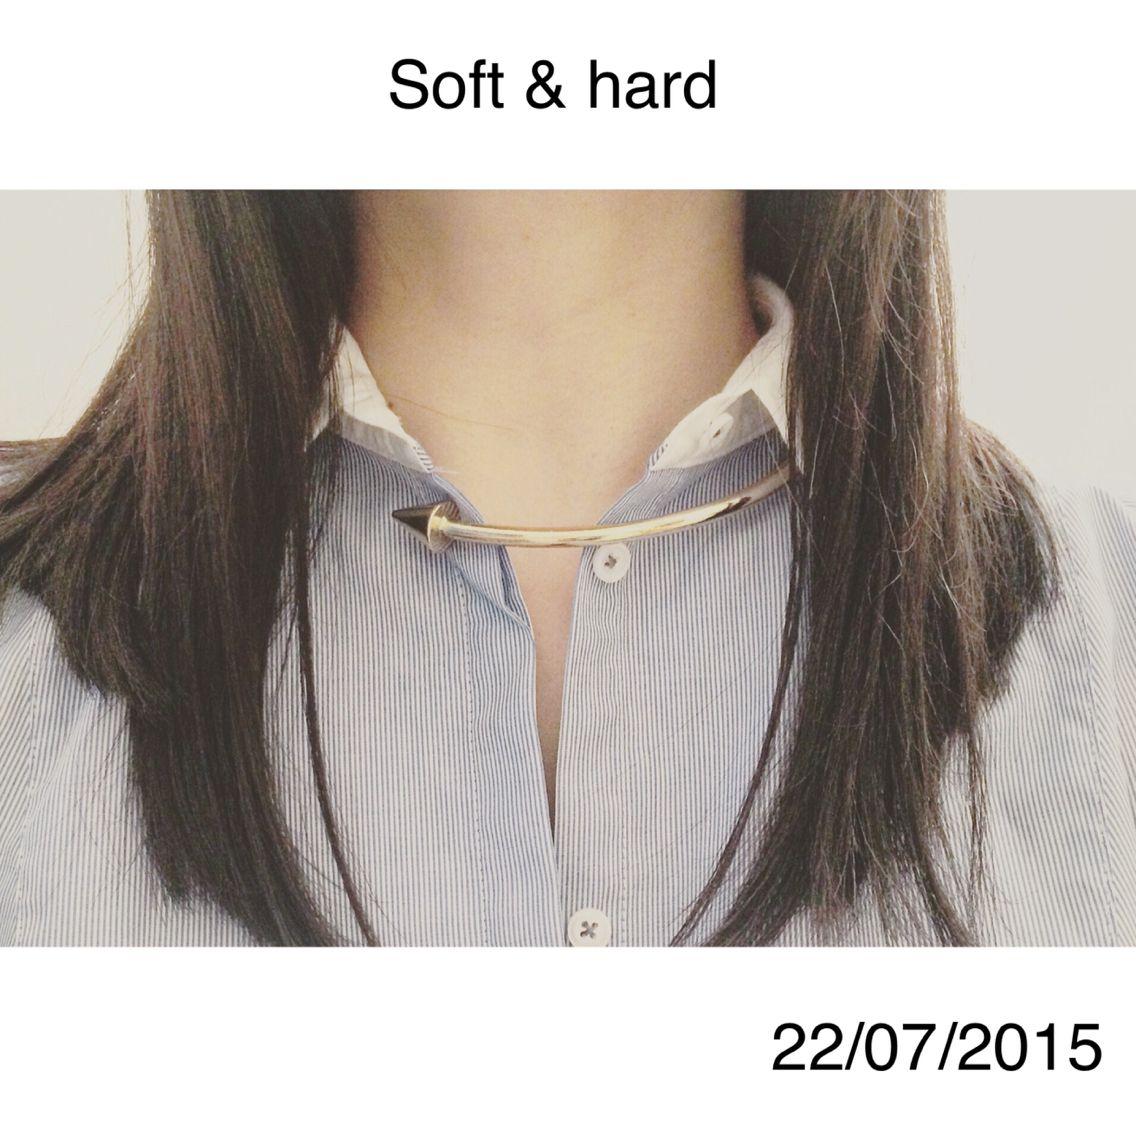 Soft & hard